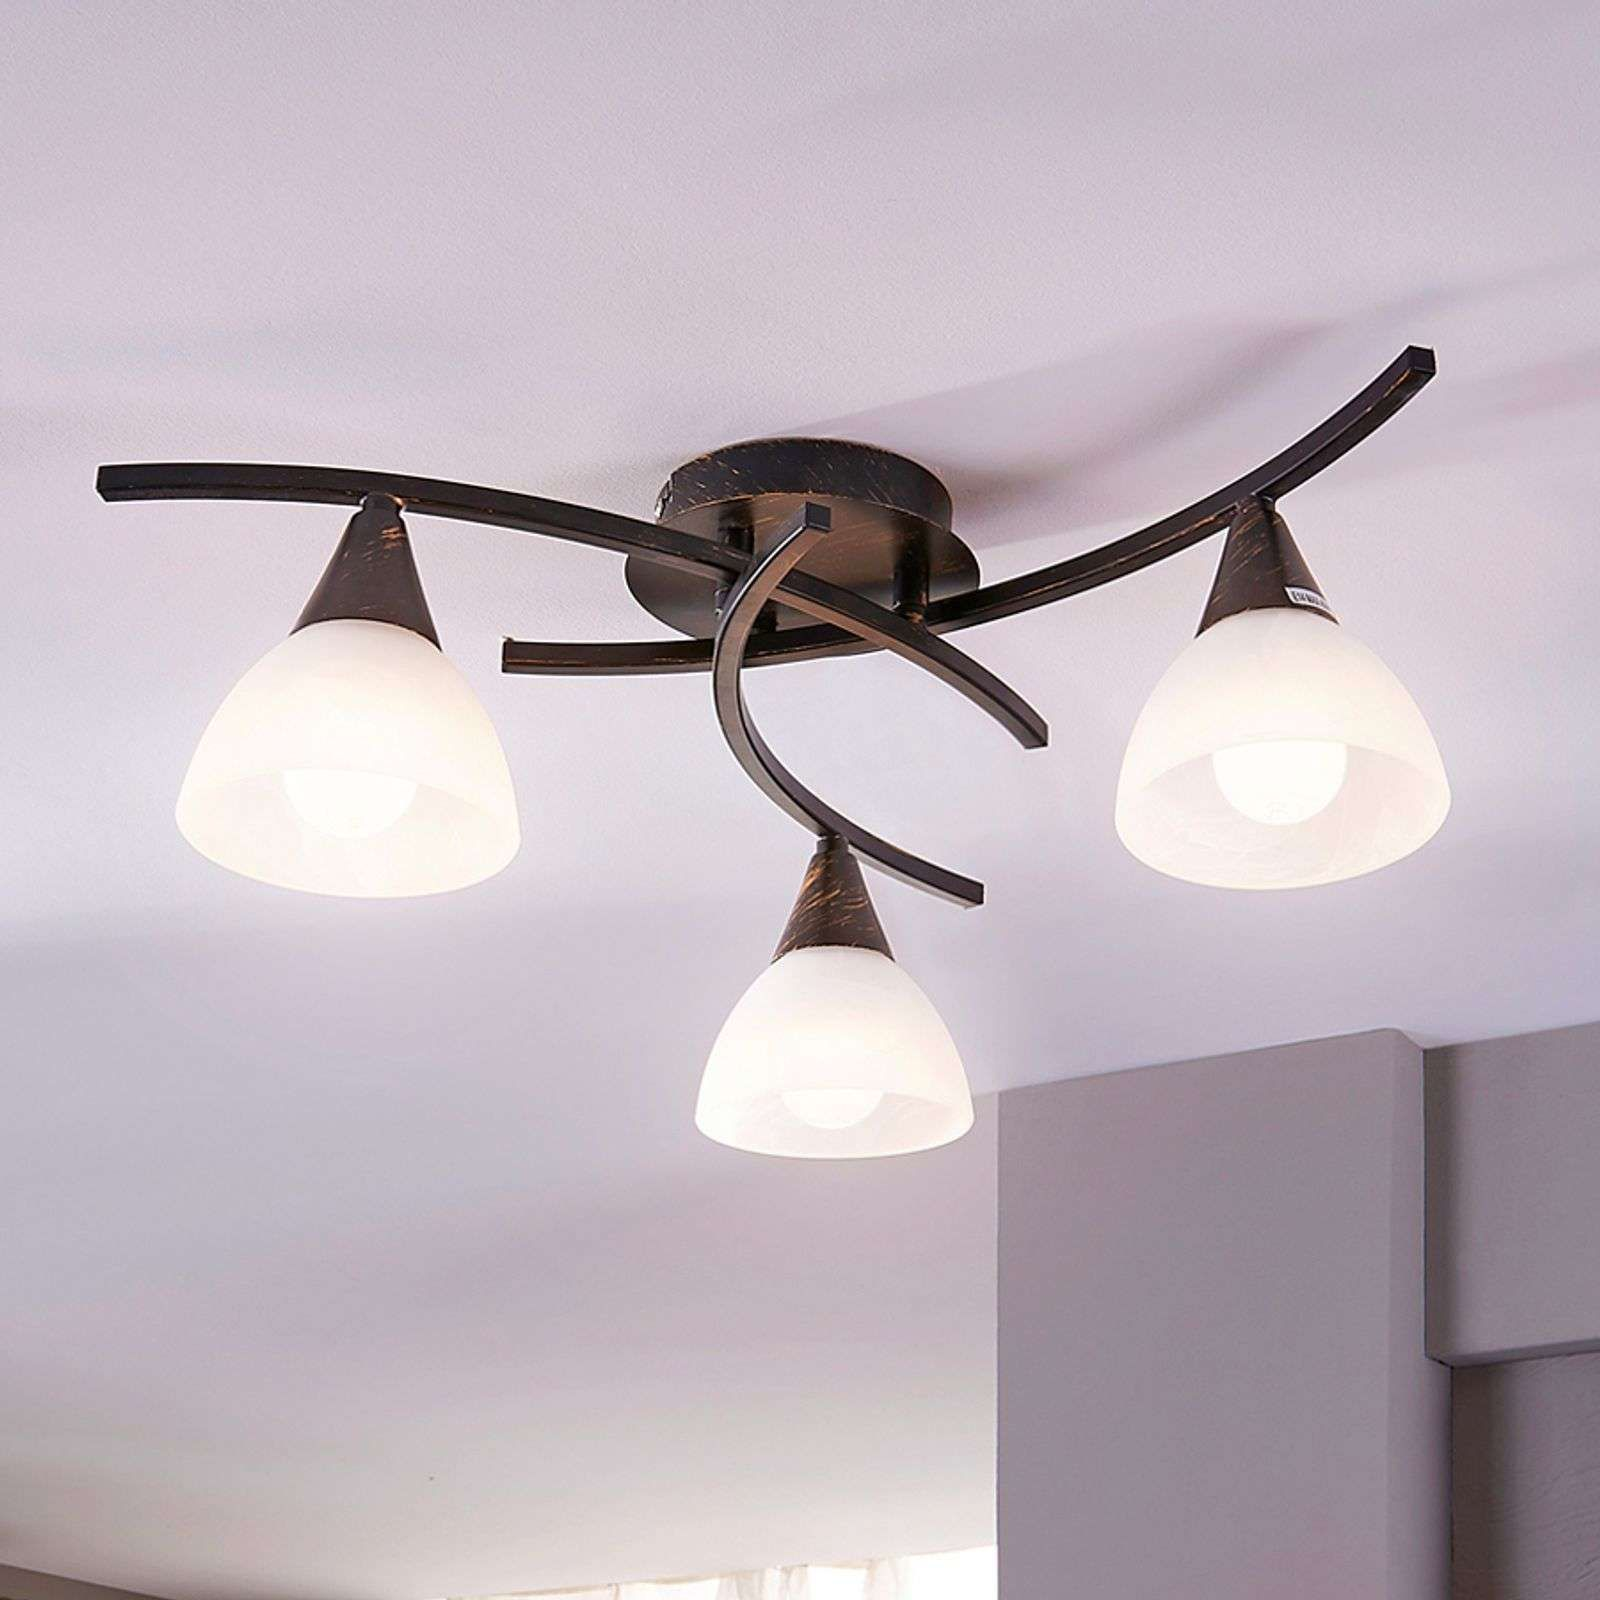 Plafonnier Led A Trois Lampes Della Noir Et Or In 2020 Led Deckenlampen Deckenlampe Lampen